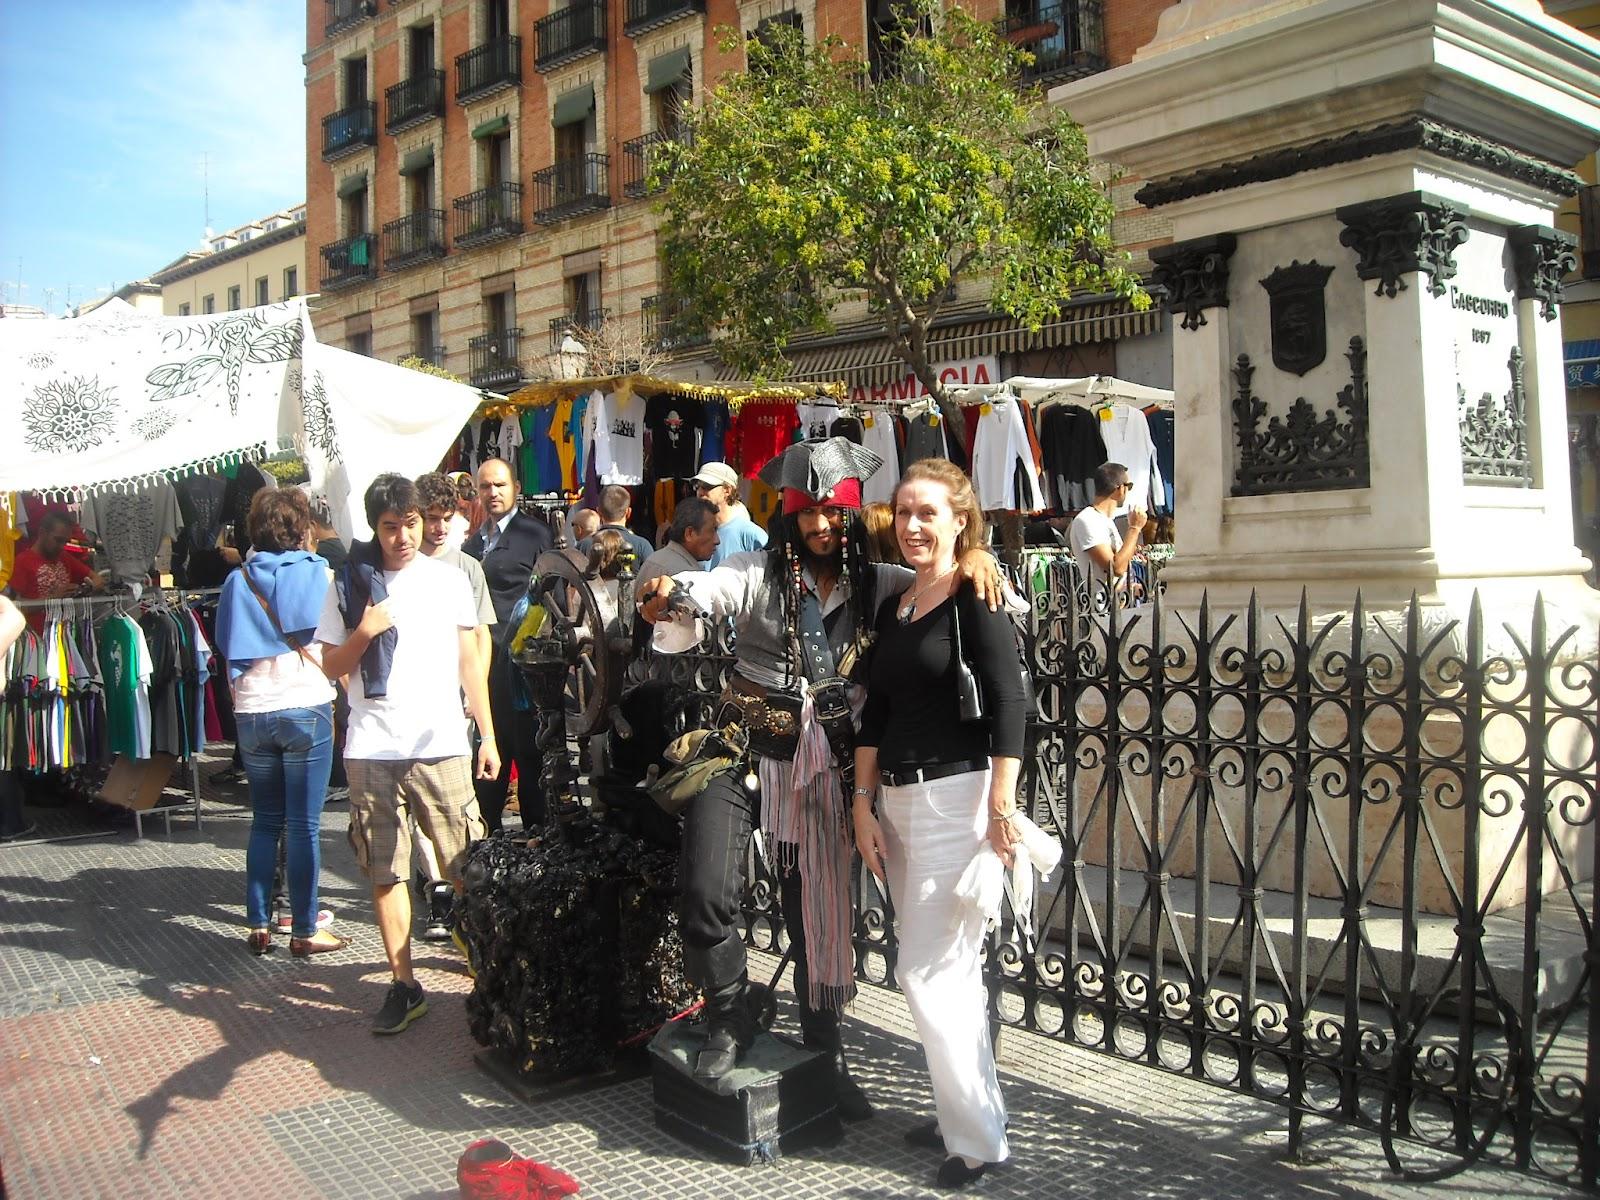 El madrid de los artesanos barquilleros de madrid - Artesanos de madrid ...